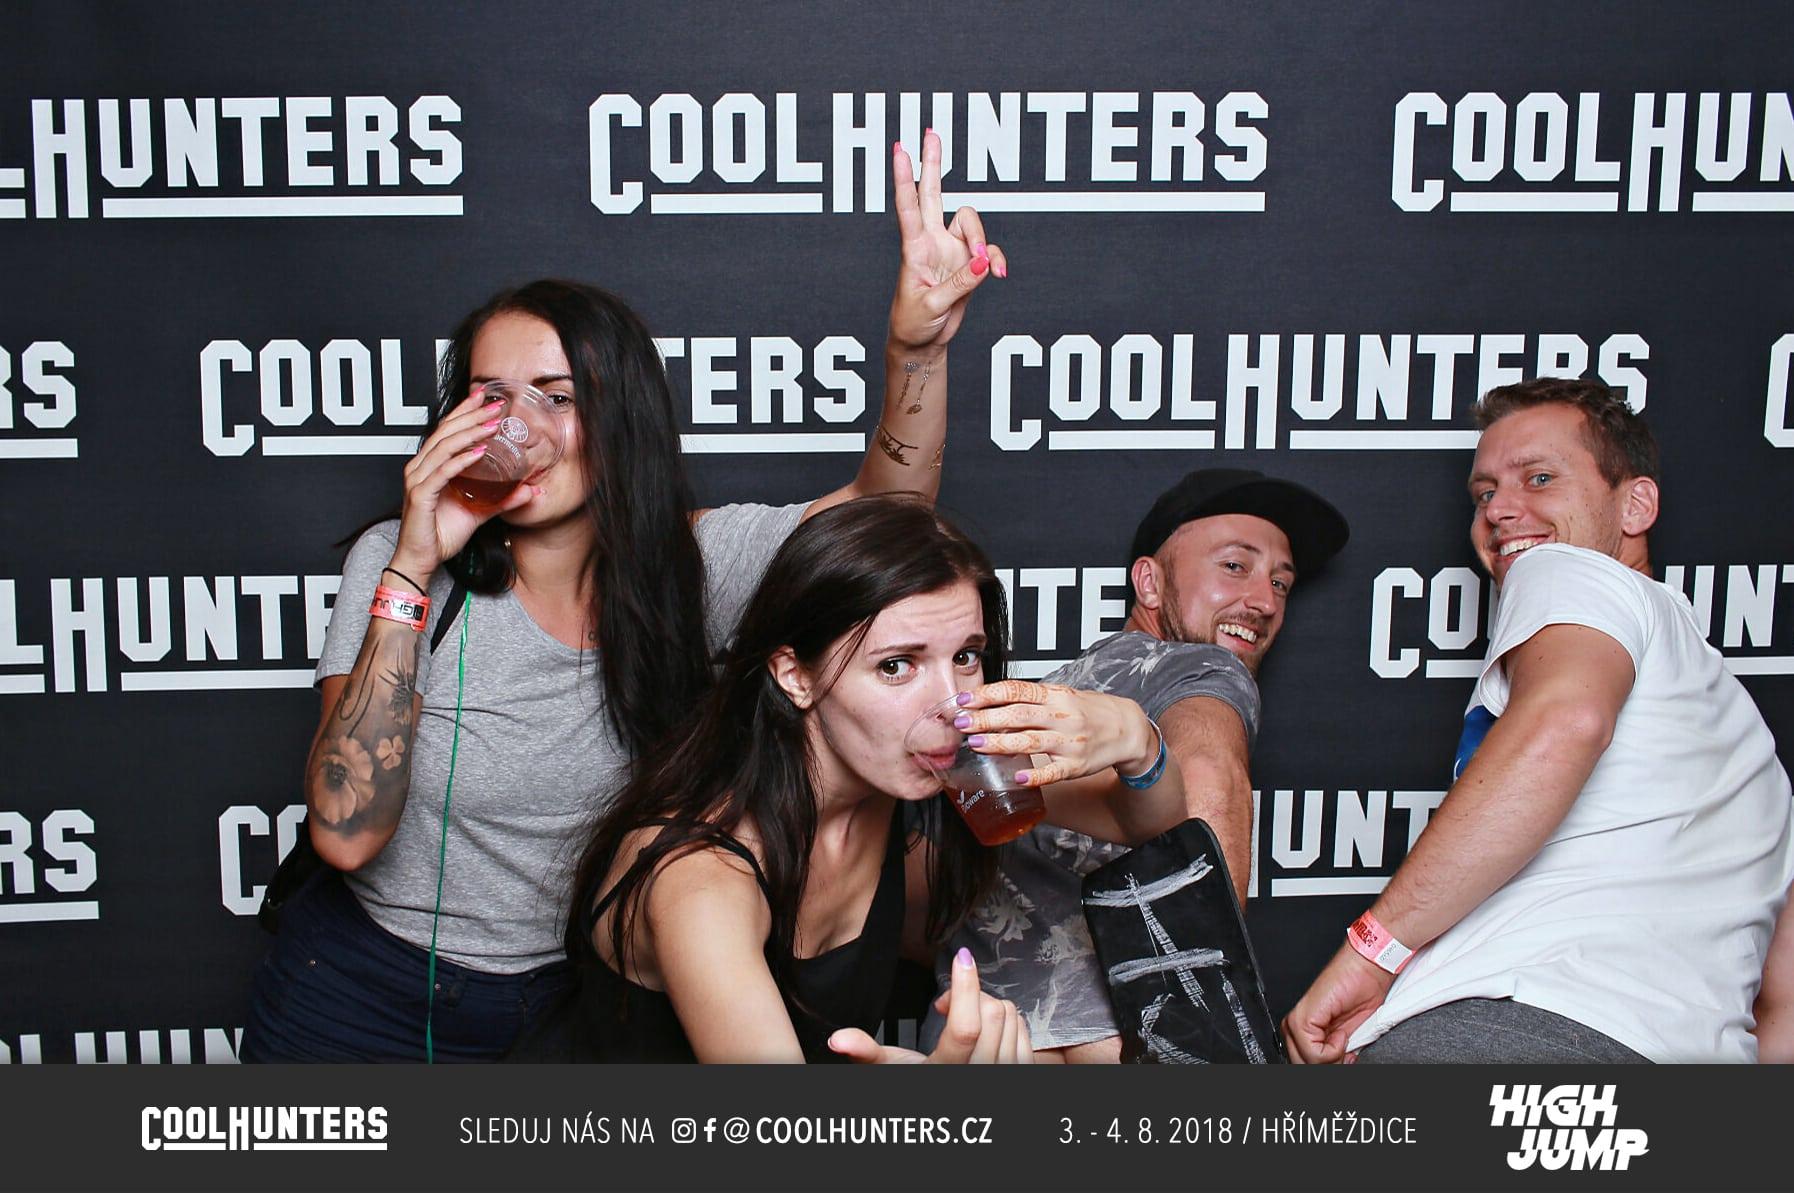 fotokoutek-coolhunters-high-jump-3-8-2018-469502